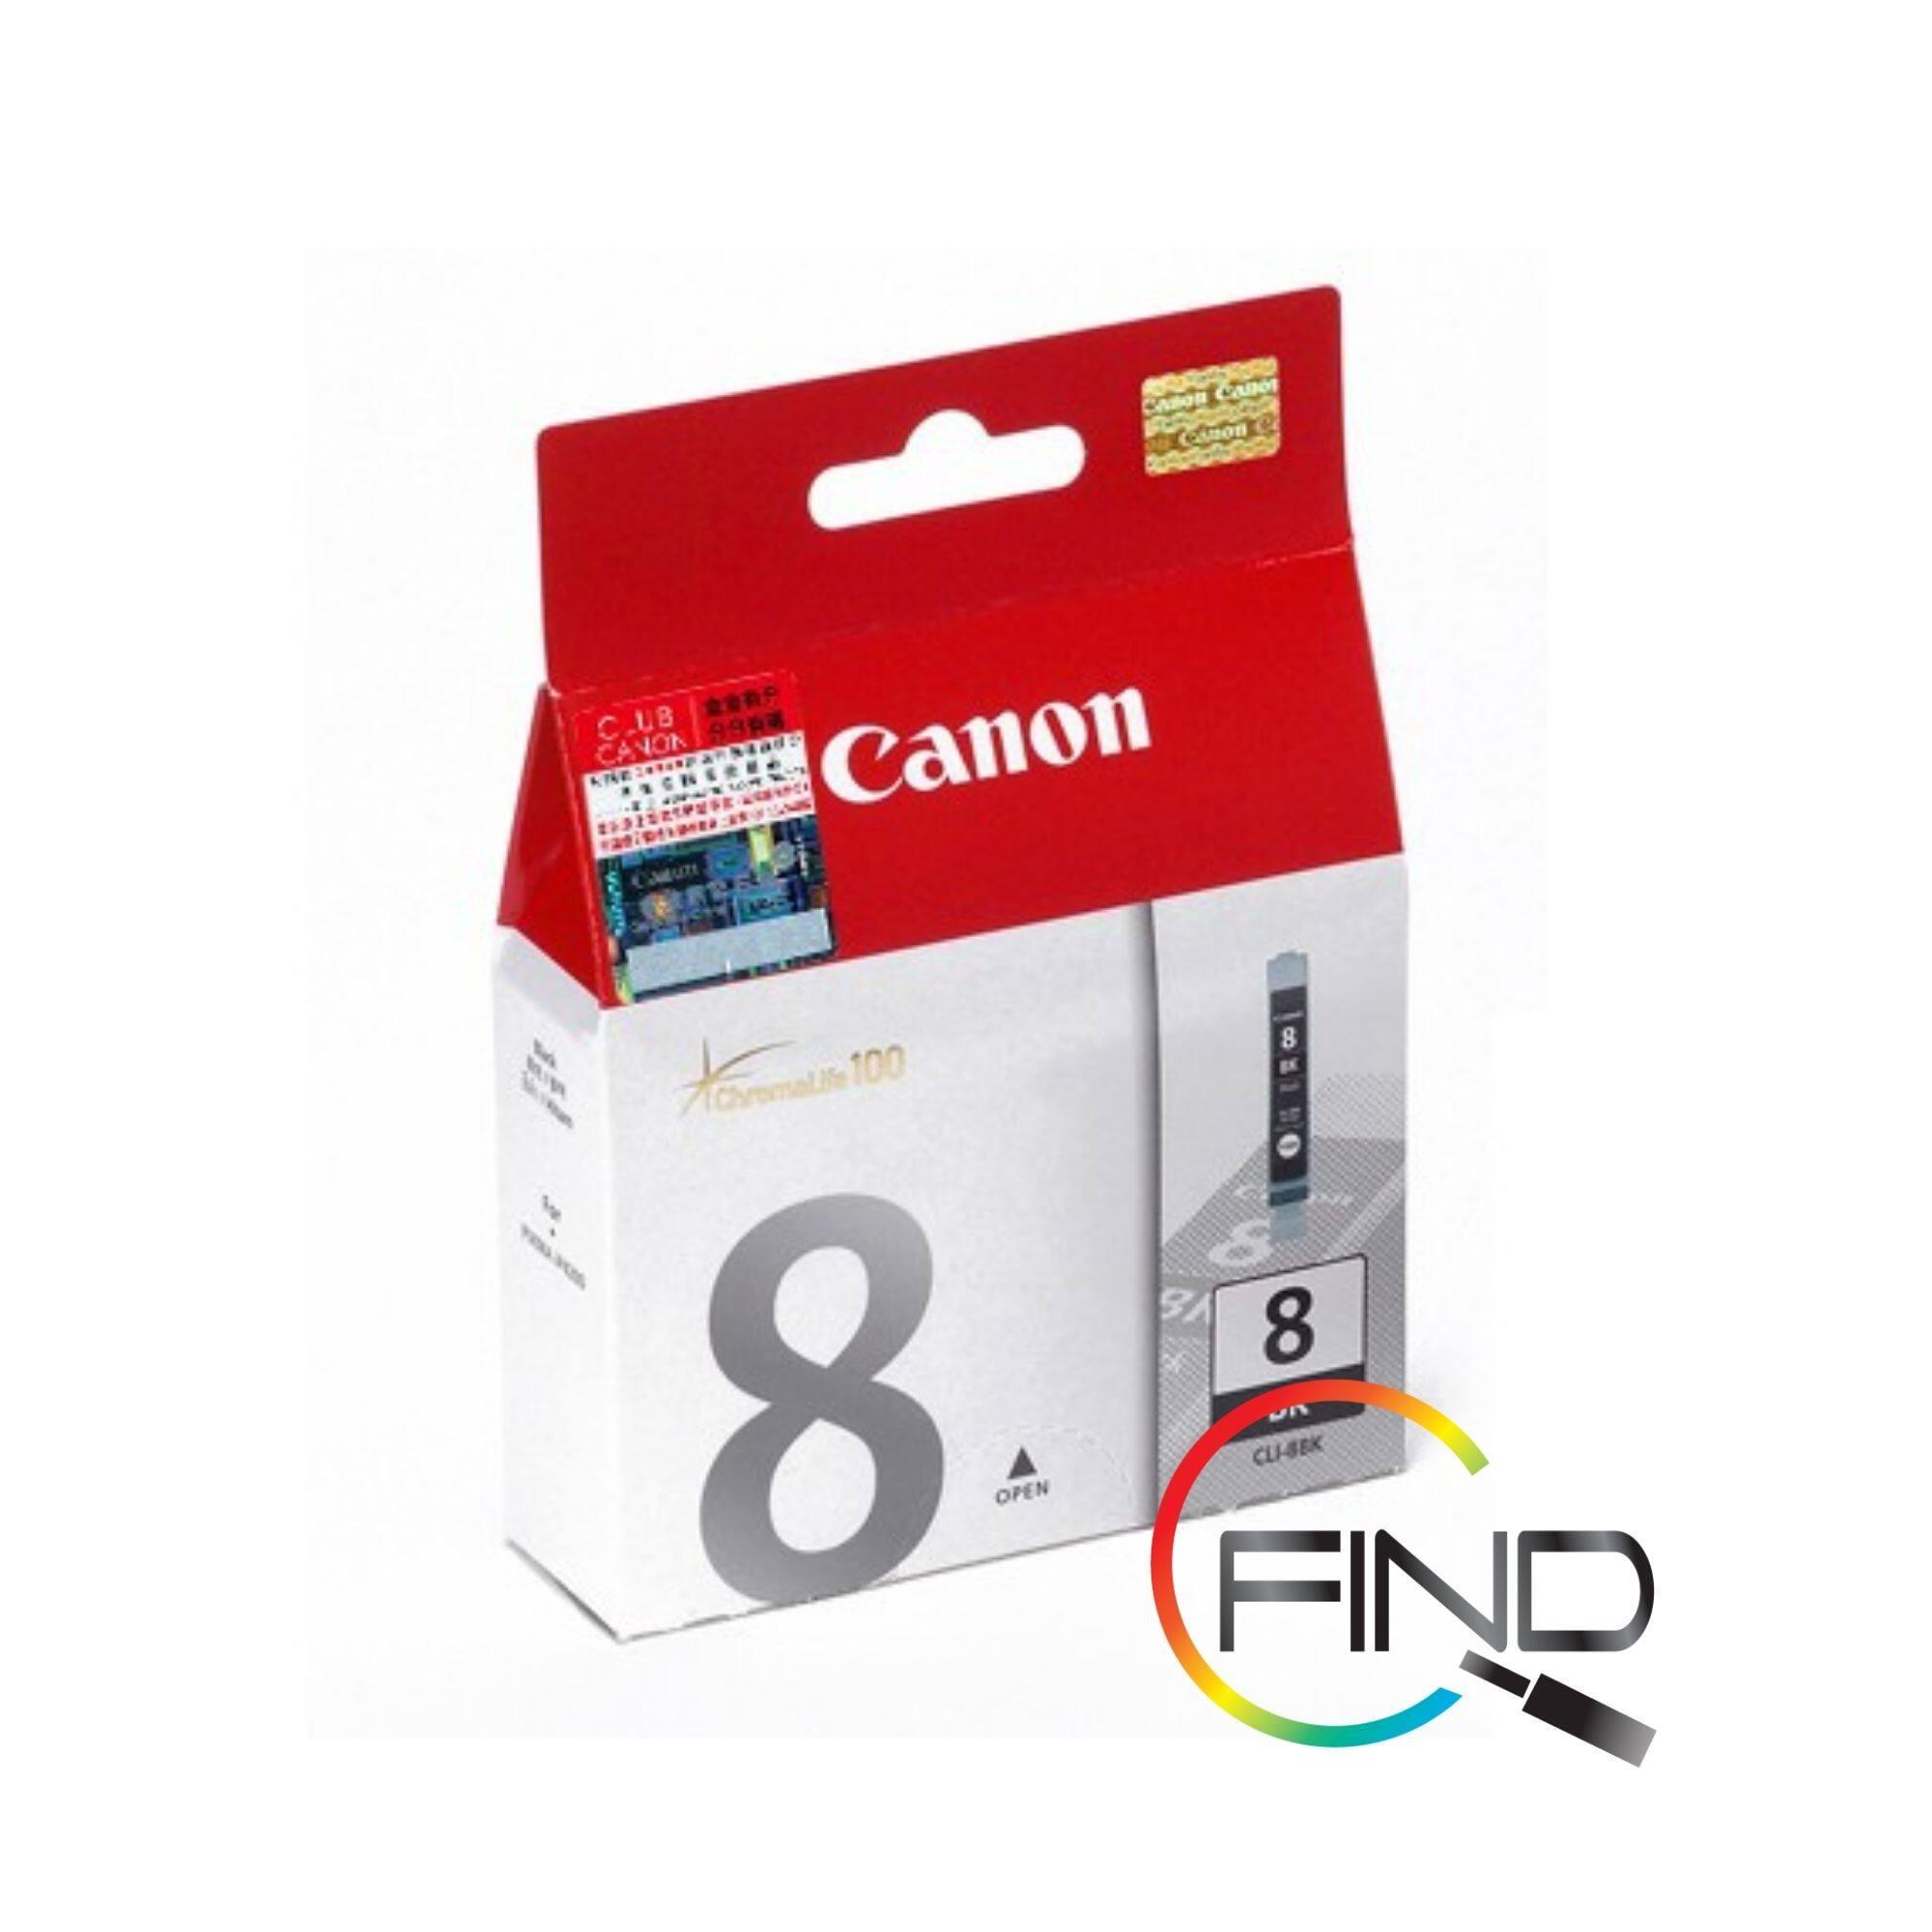 Canon CLI-8 Black Cartridge for iP4200/MP500/530/600/610/800/800R/810/830/970 Printer